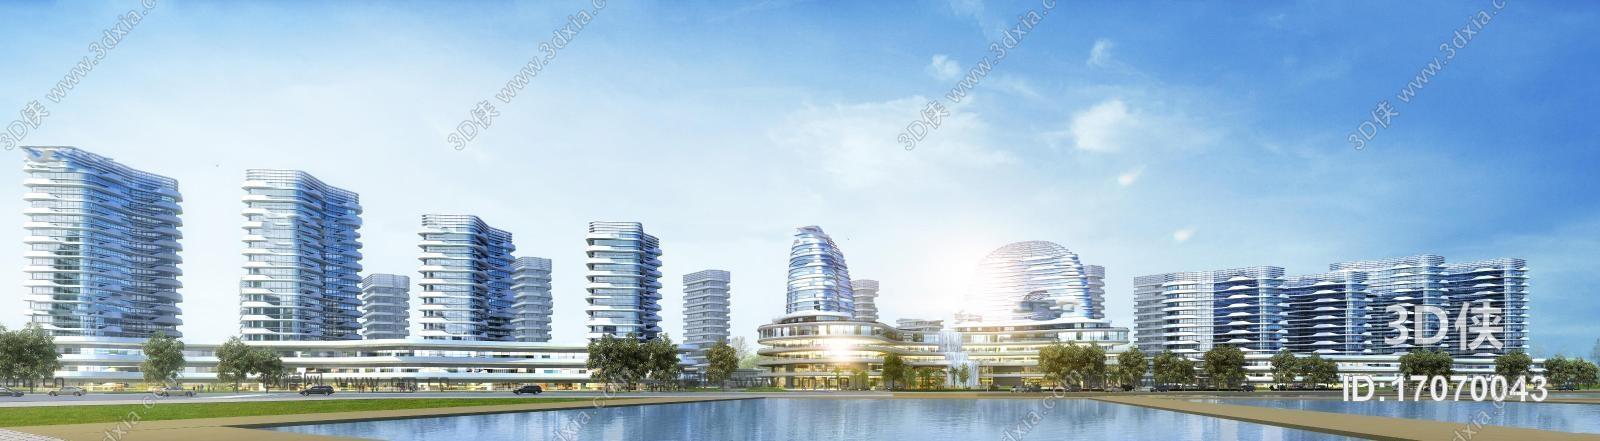 效果图素材免费下载,本作品主题是现代建筑外观3d模型,编号是17070043